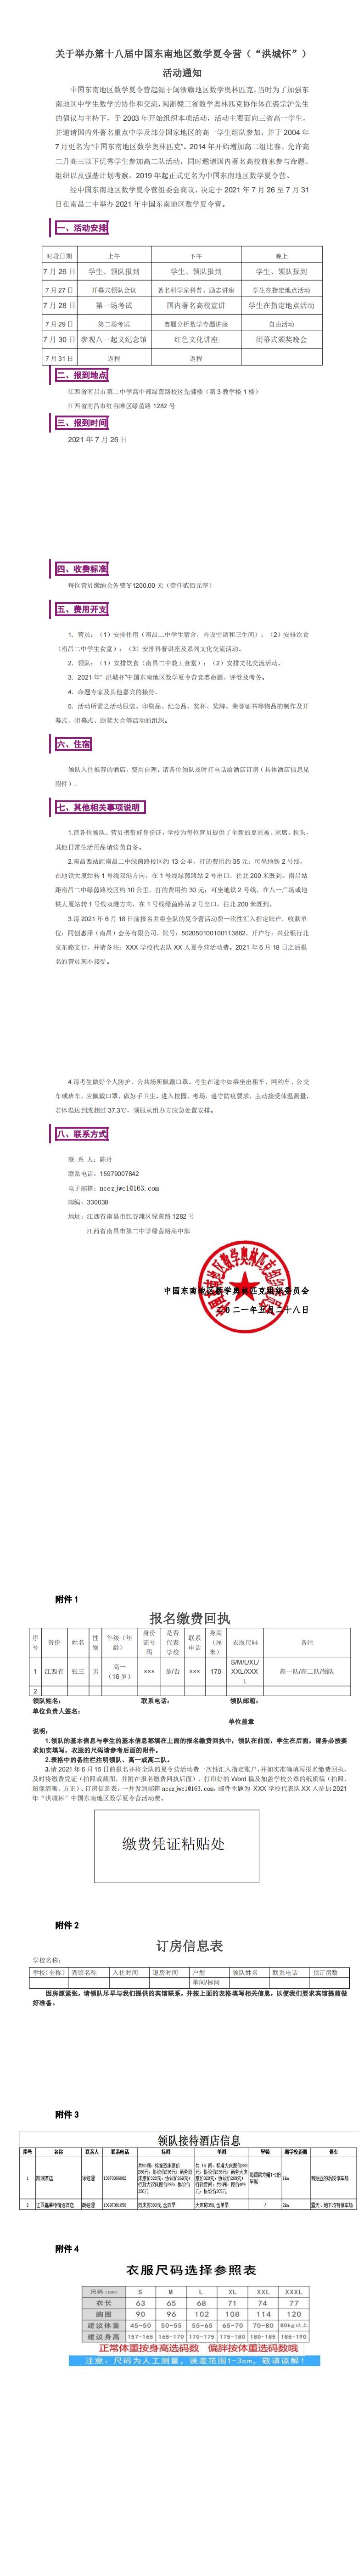 2021年中国东南地区数学夏令营活动通知5月24日_0.png